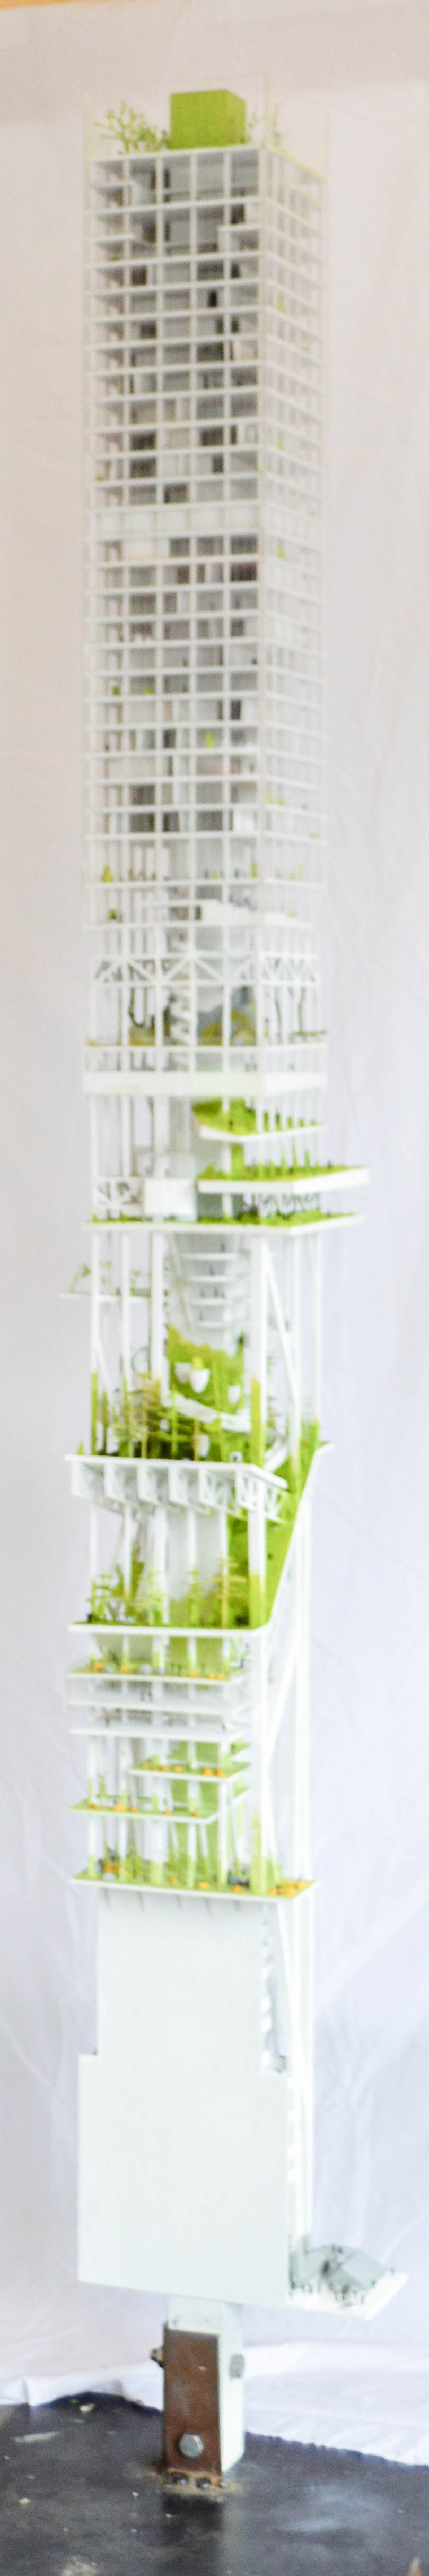 verticaltower-14.jpg